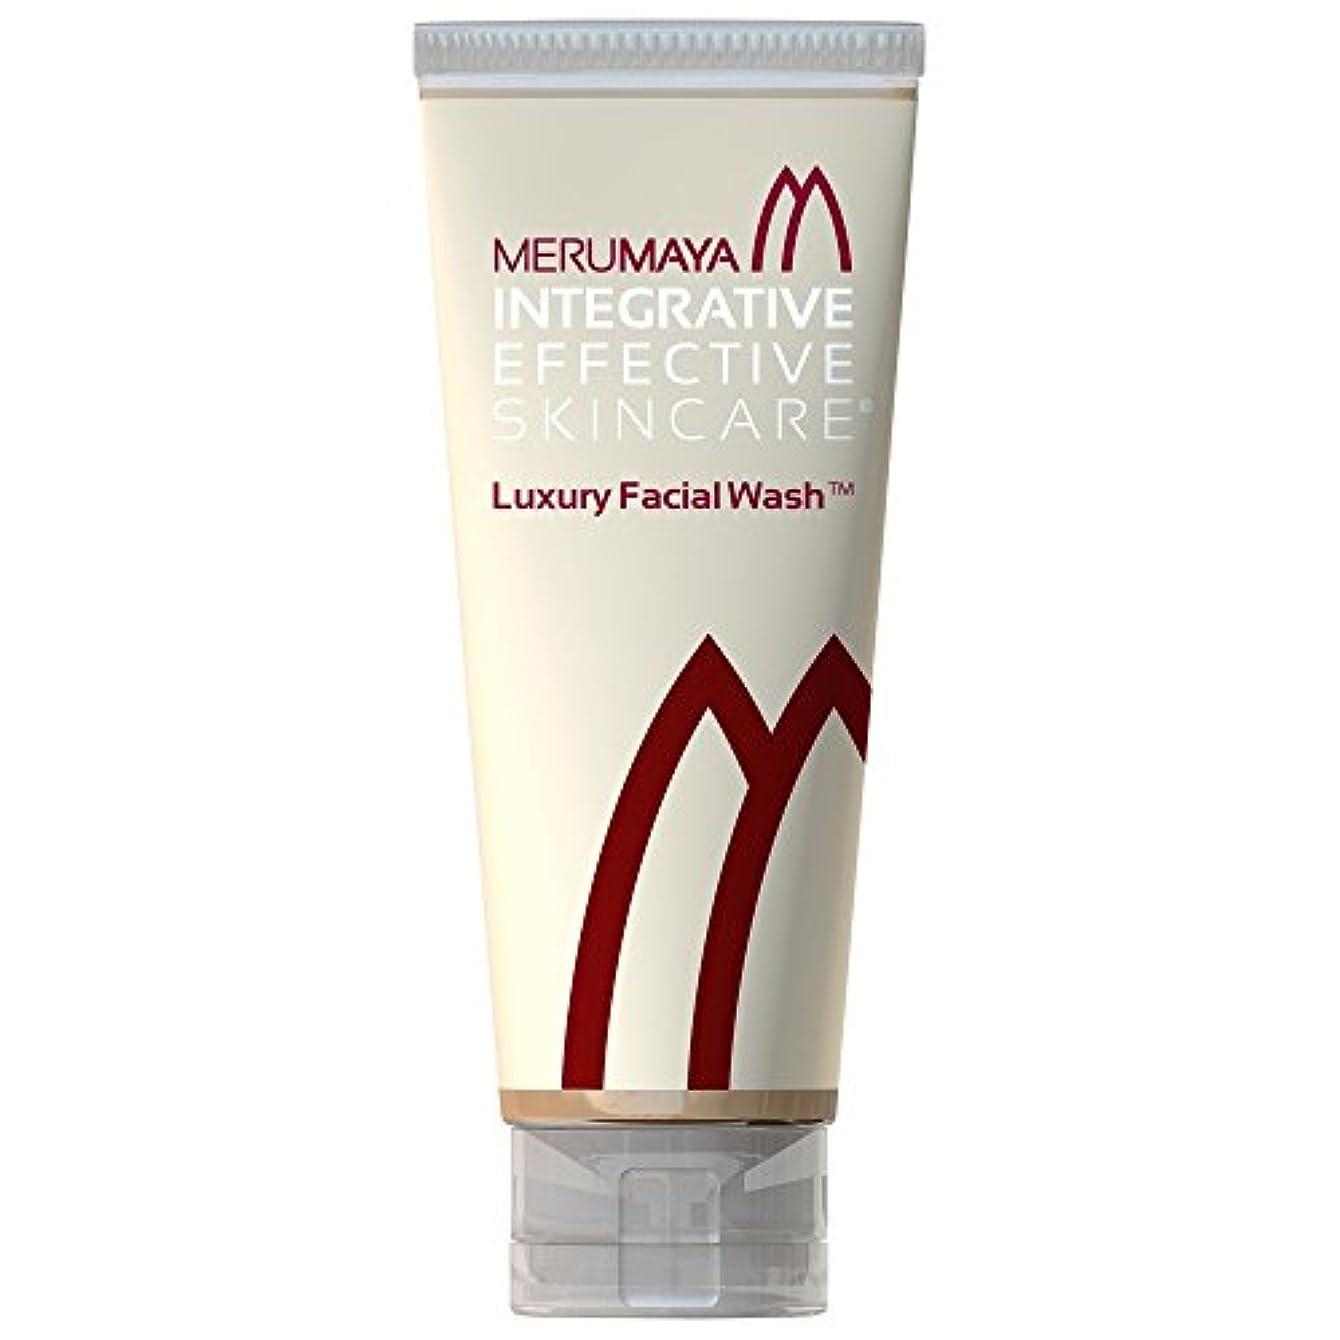 抑圧者準備したコールドMerumaya高級洗顔?、100ミリリットル (Merumaya) (x2) - MERUMAYA Luxury Facial Wash?, 100ml (Pack of 2) [並行輸入品]